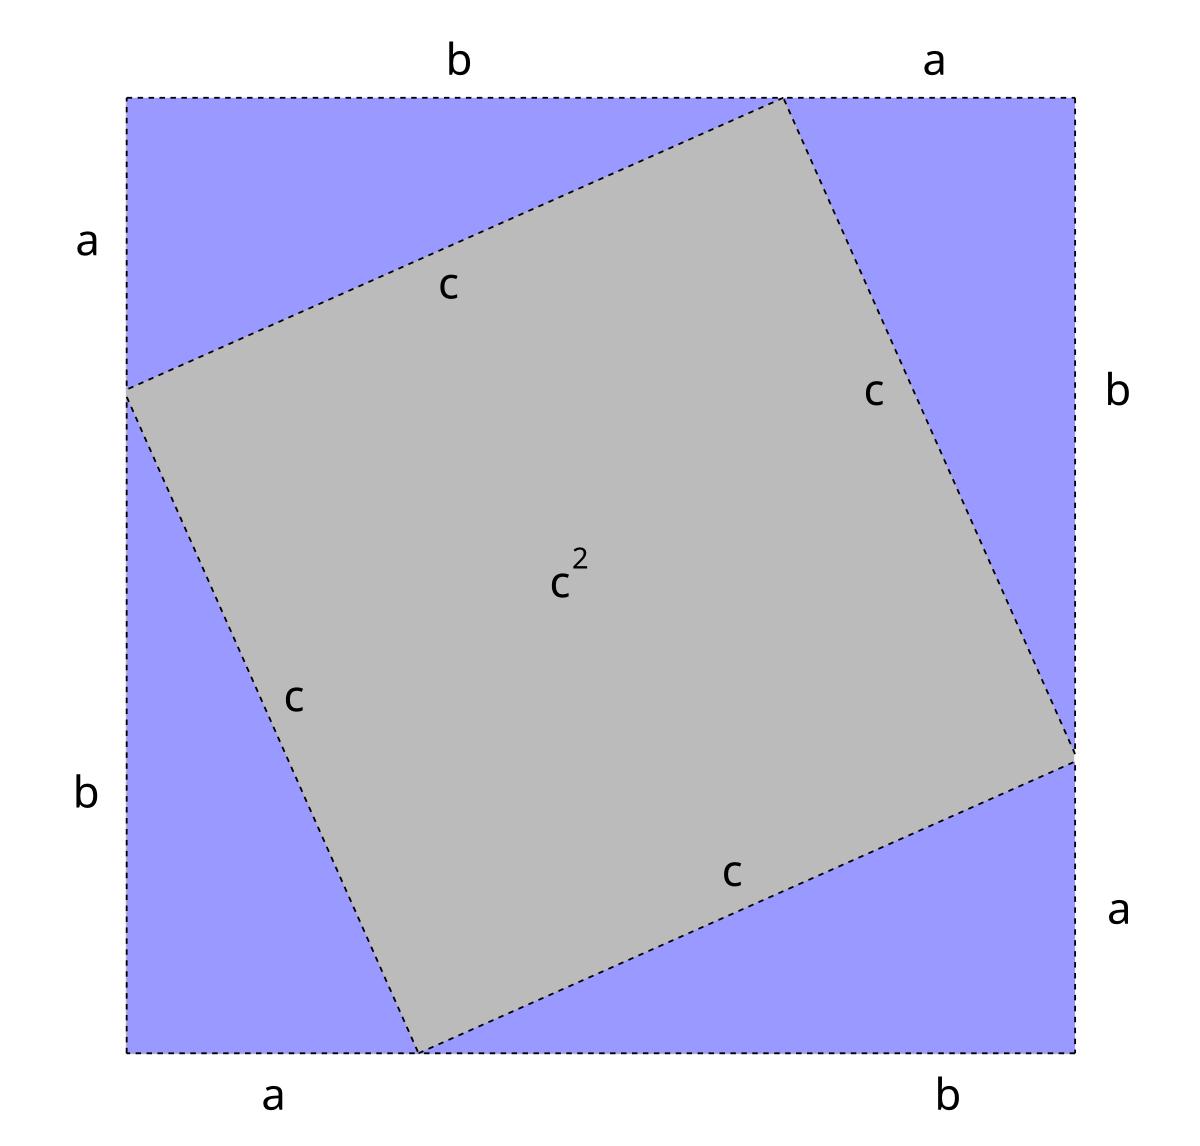 http://www.pererikstrandberg.se/blog/pythagoras/pythagoras3.png